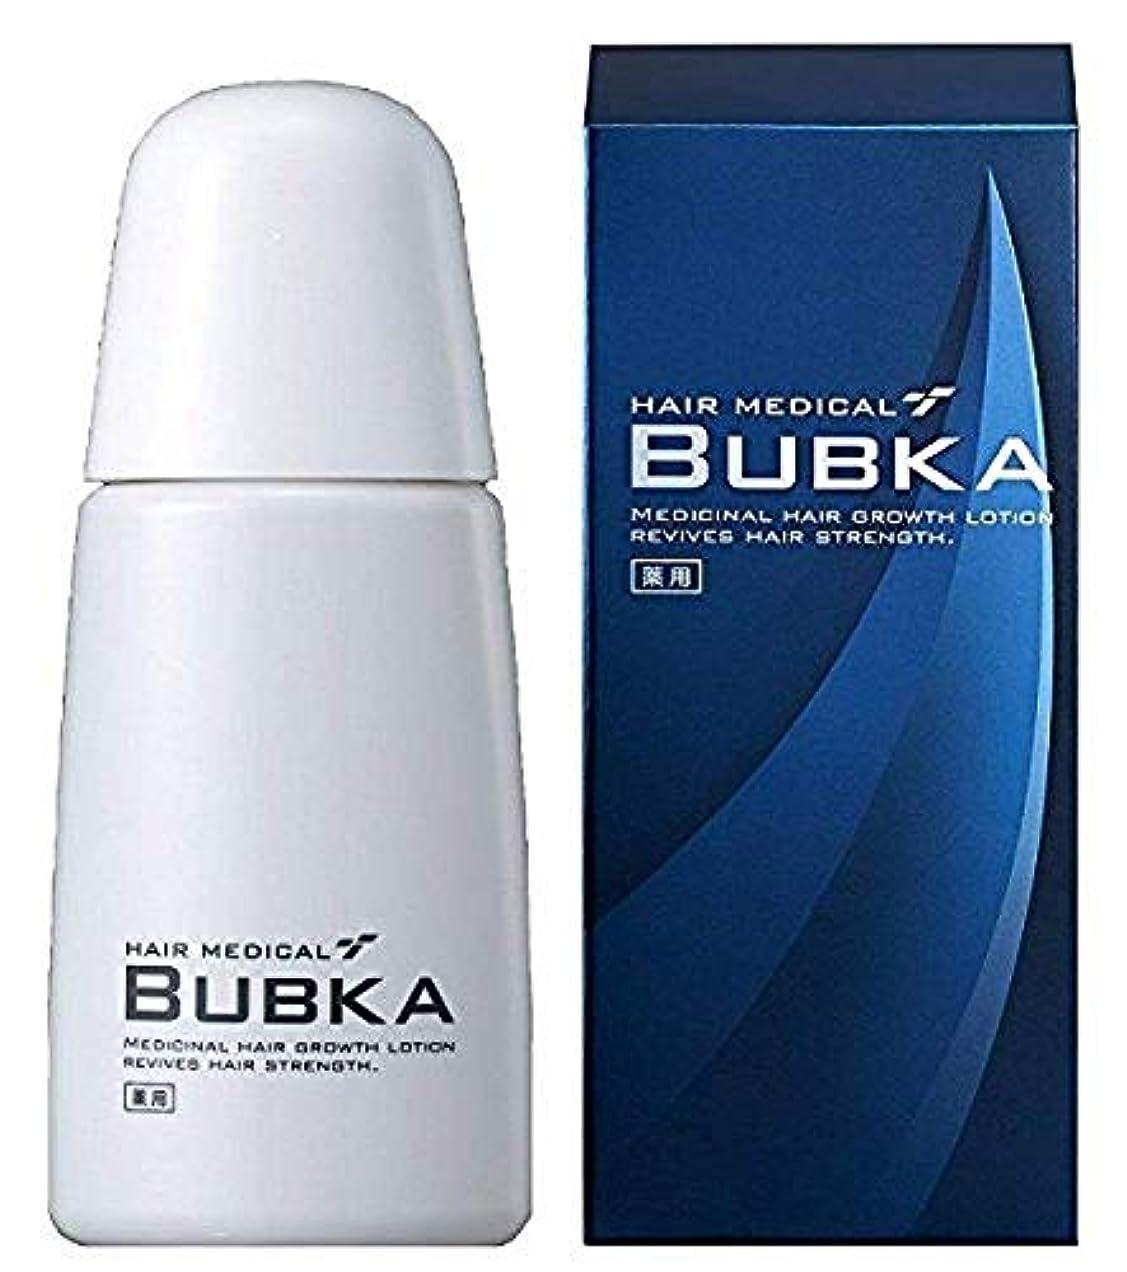 しかし可愛い無【BUBKA ブブカ 】新型 濃密育毛剤 ブブカ-003M (内容量:120ml 約1ヶ月分)(医薬部外品)